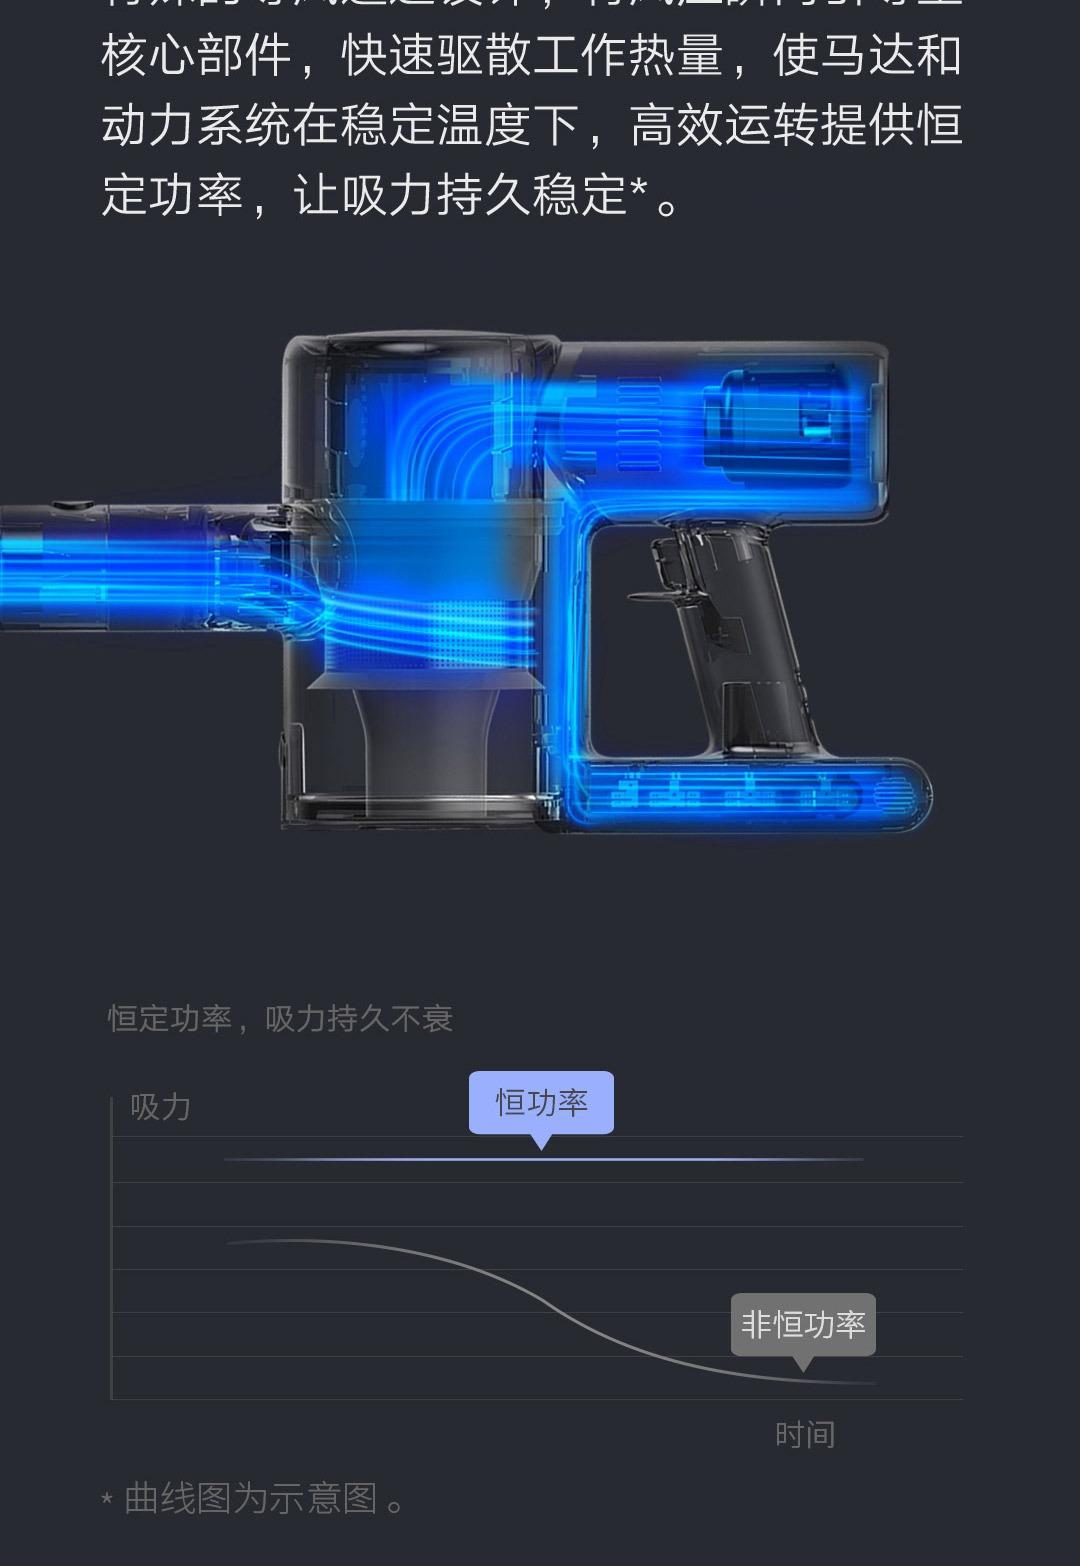 小米米家手持无线吸尘器1C